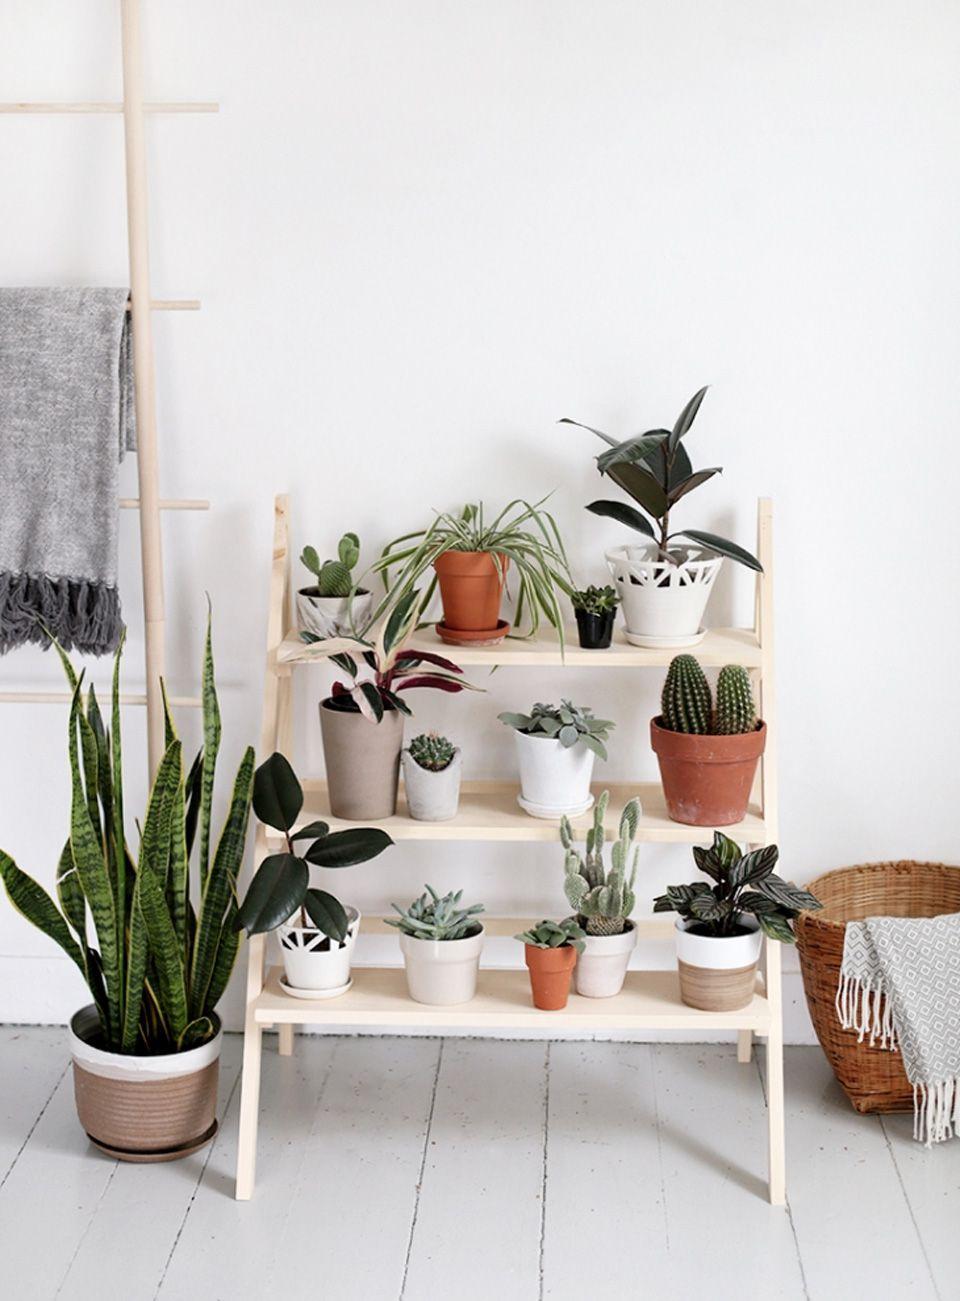 Fabriquer Une Étagère Pour Vos Plantes | Lieux | Etagere ... concernant Etageres Jardin Pour Plantes